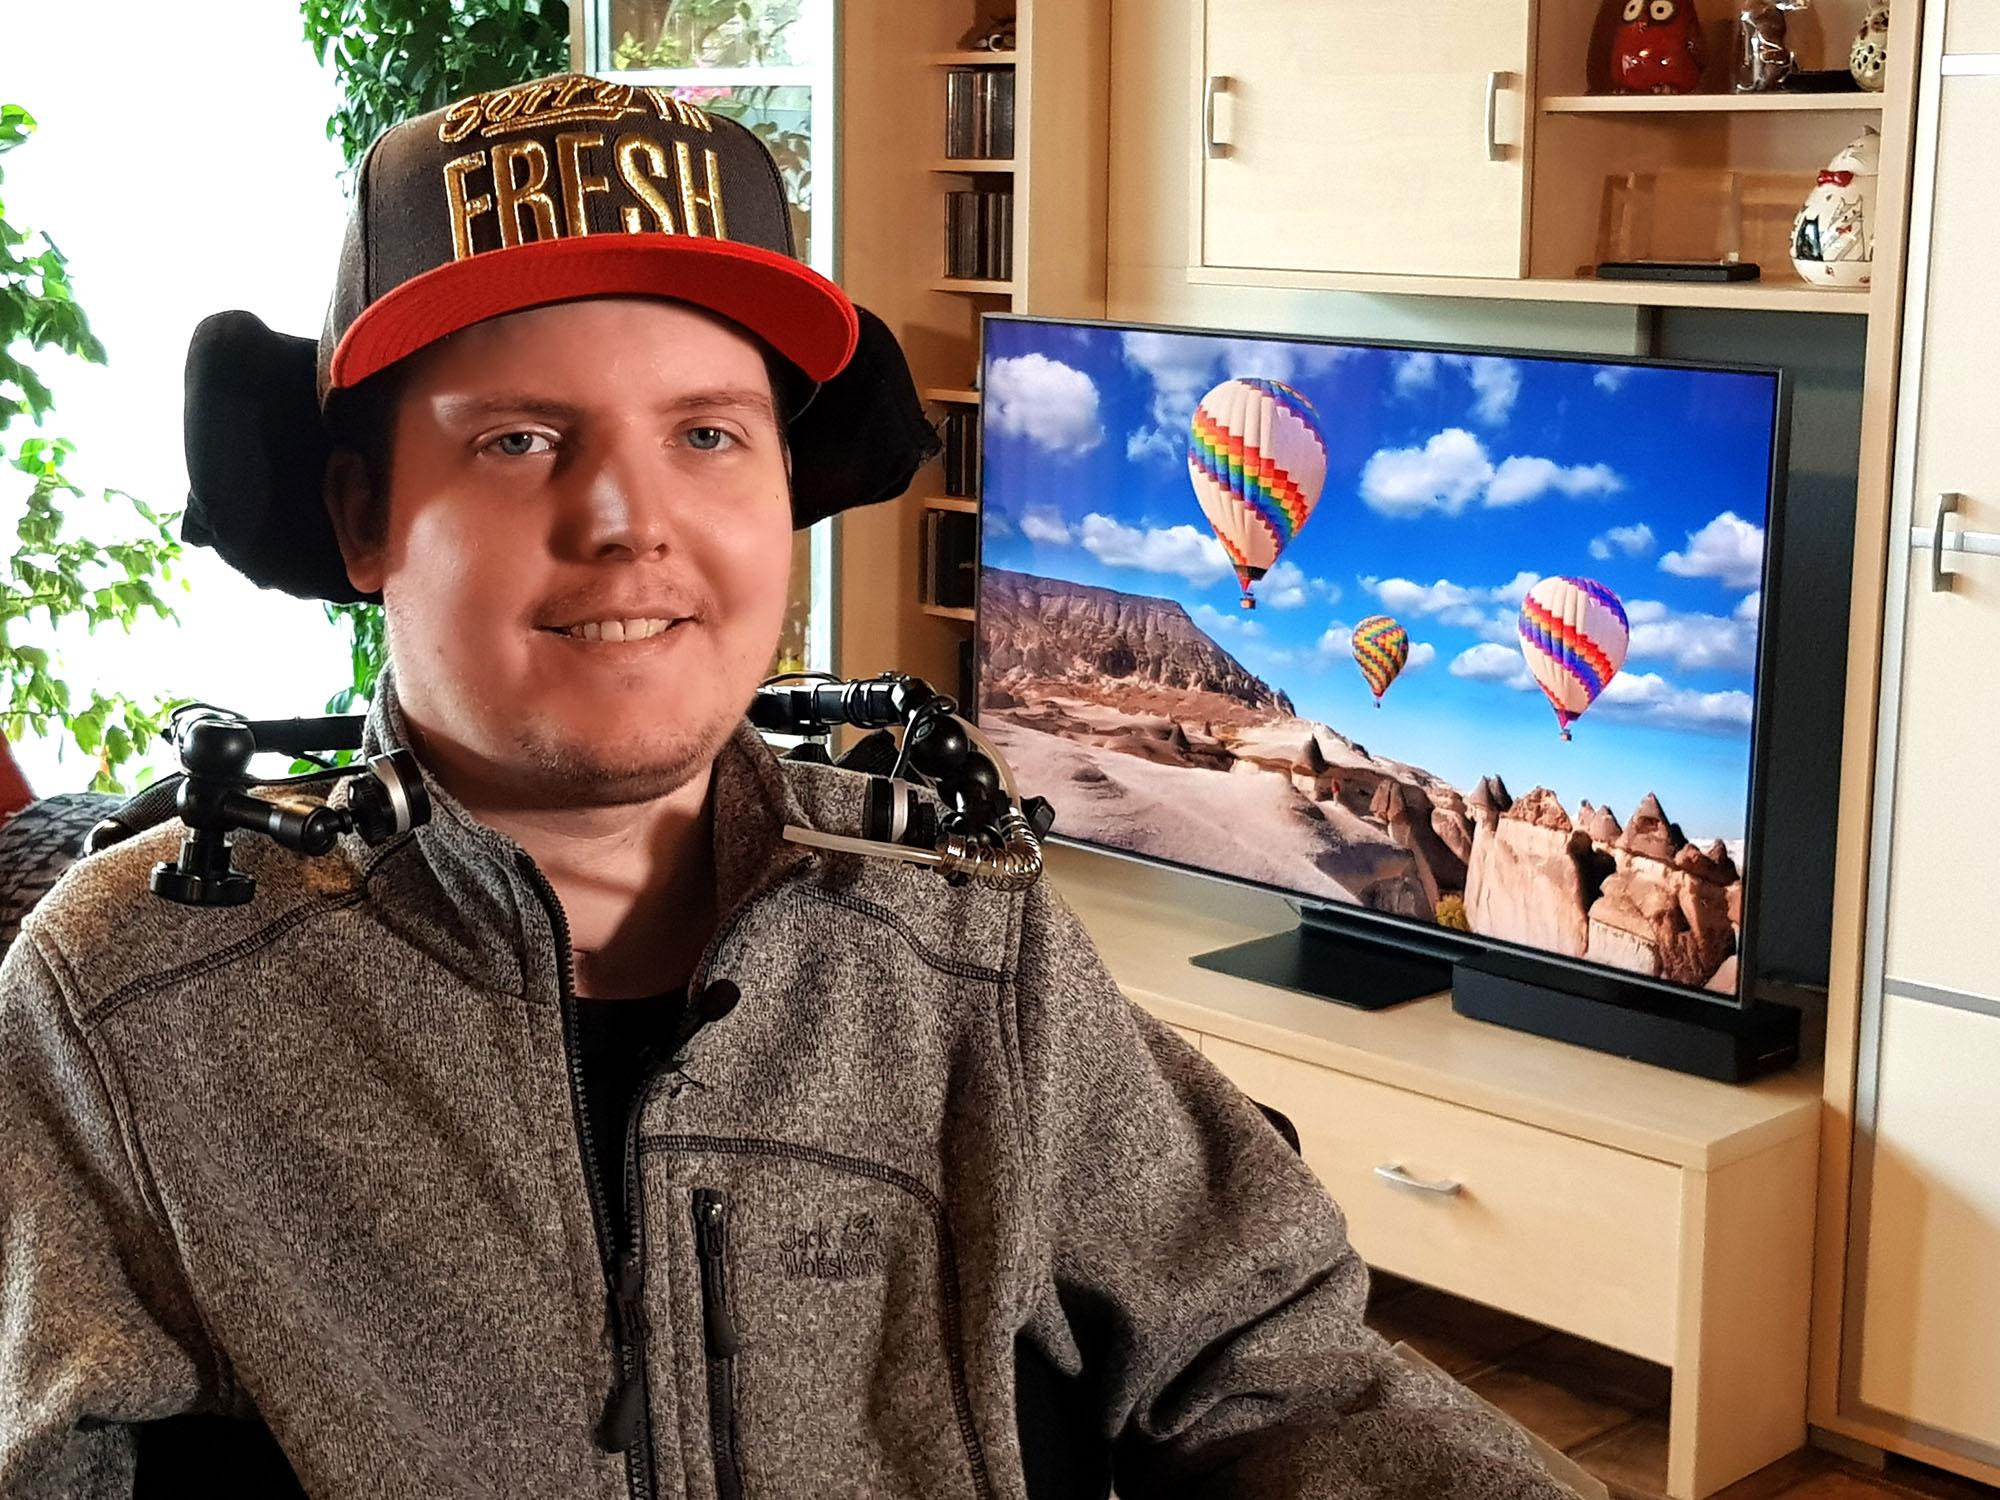 Dennis Winkens nutzt Bixby für Barrierefreiheit beim Fernsehen